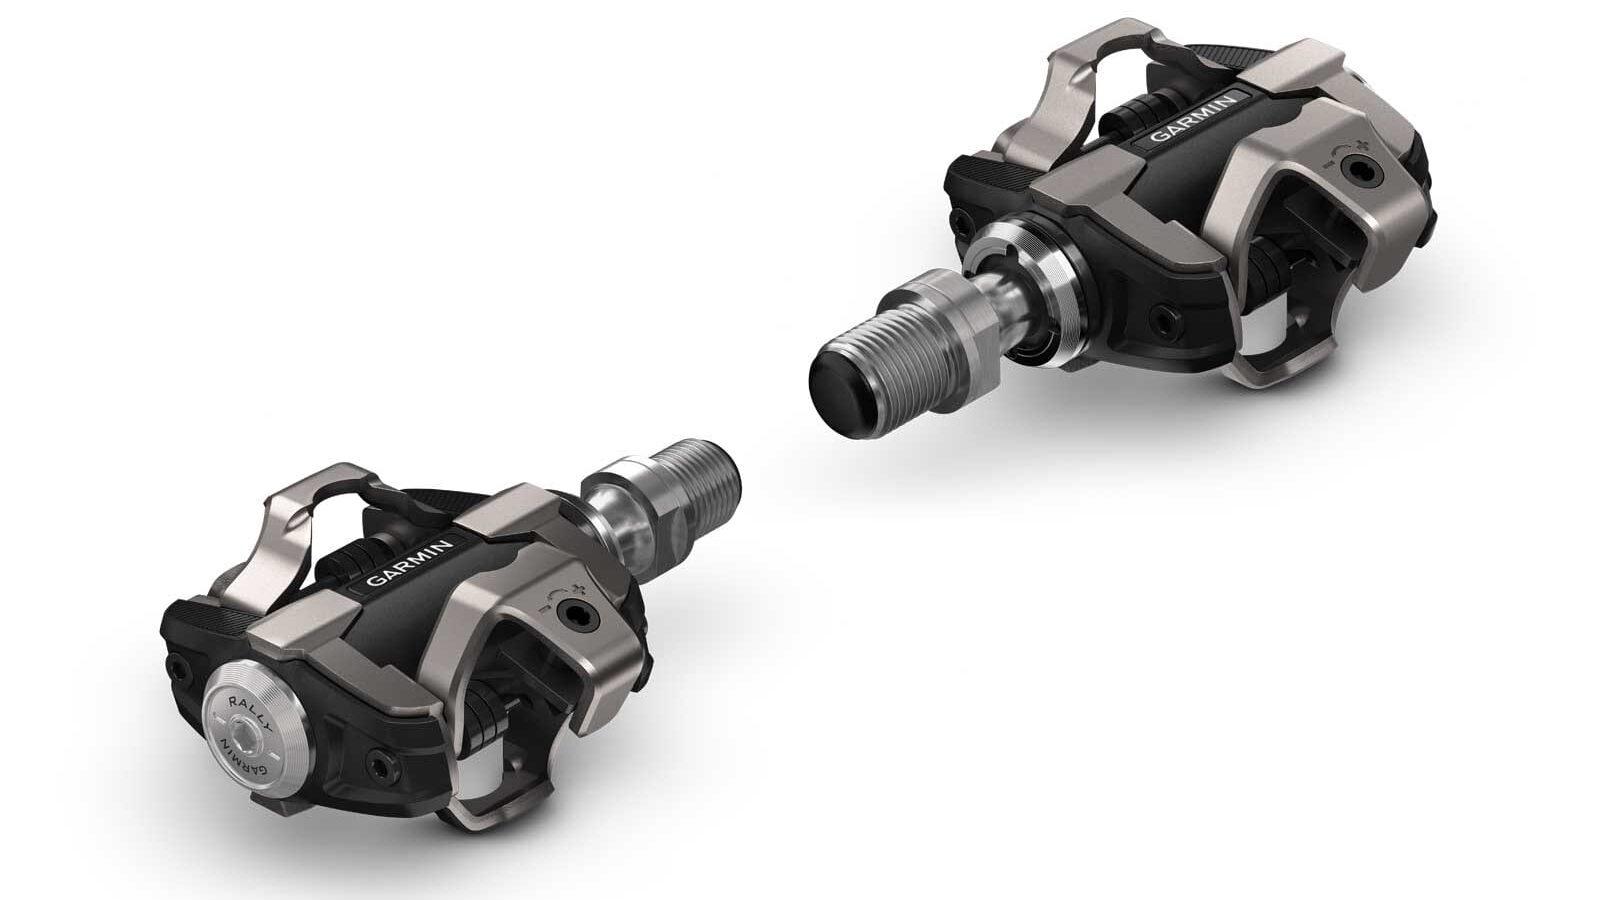 Garmin Rally XC200 pedaalvermogensmeter, dubbelzijdige vermogensmeter voor gravel- en crosscountrygebruik met SPD-schoentjes